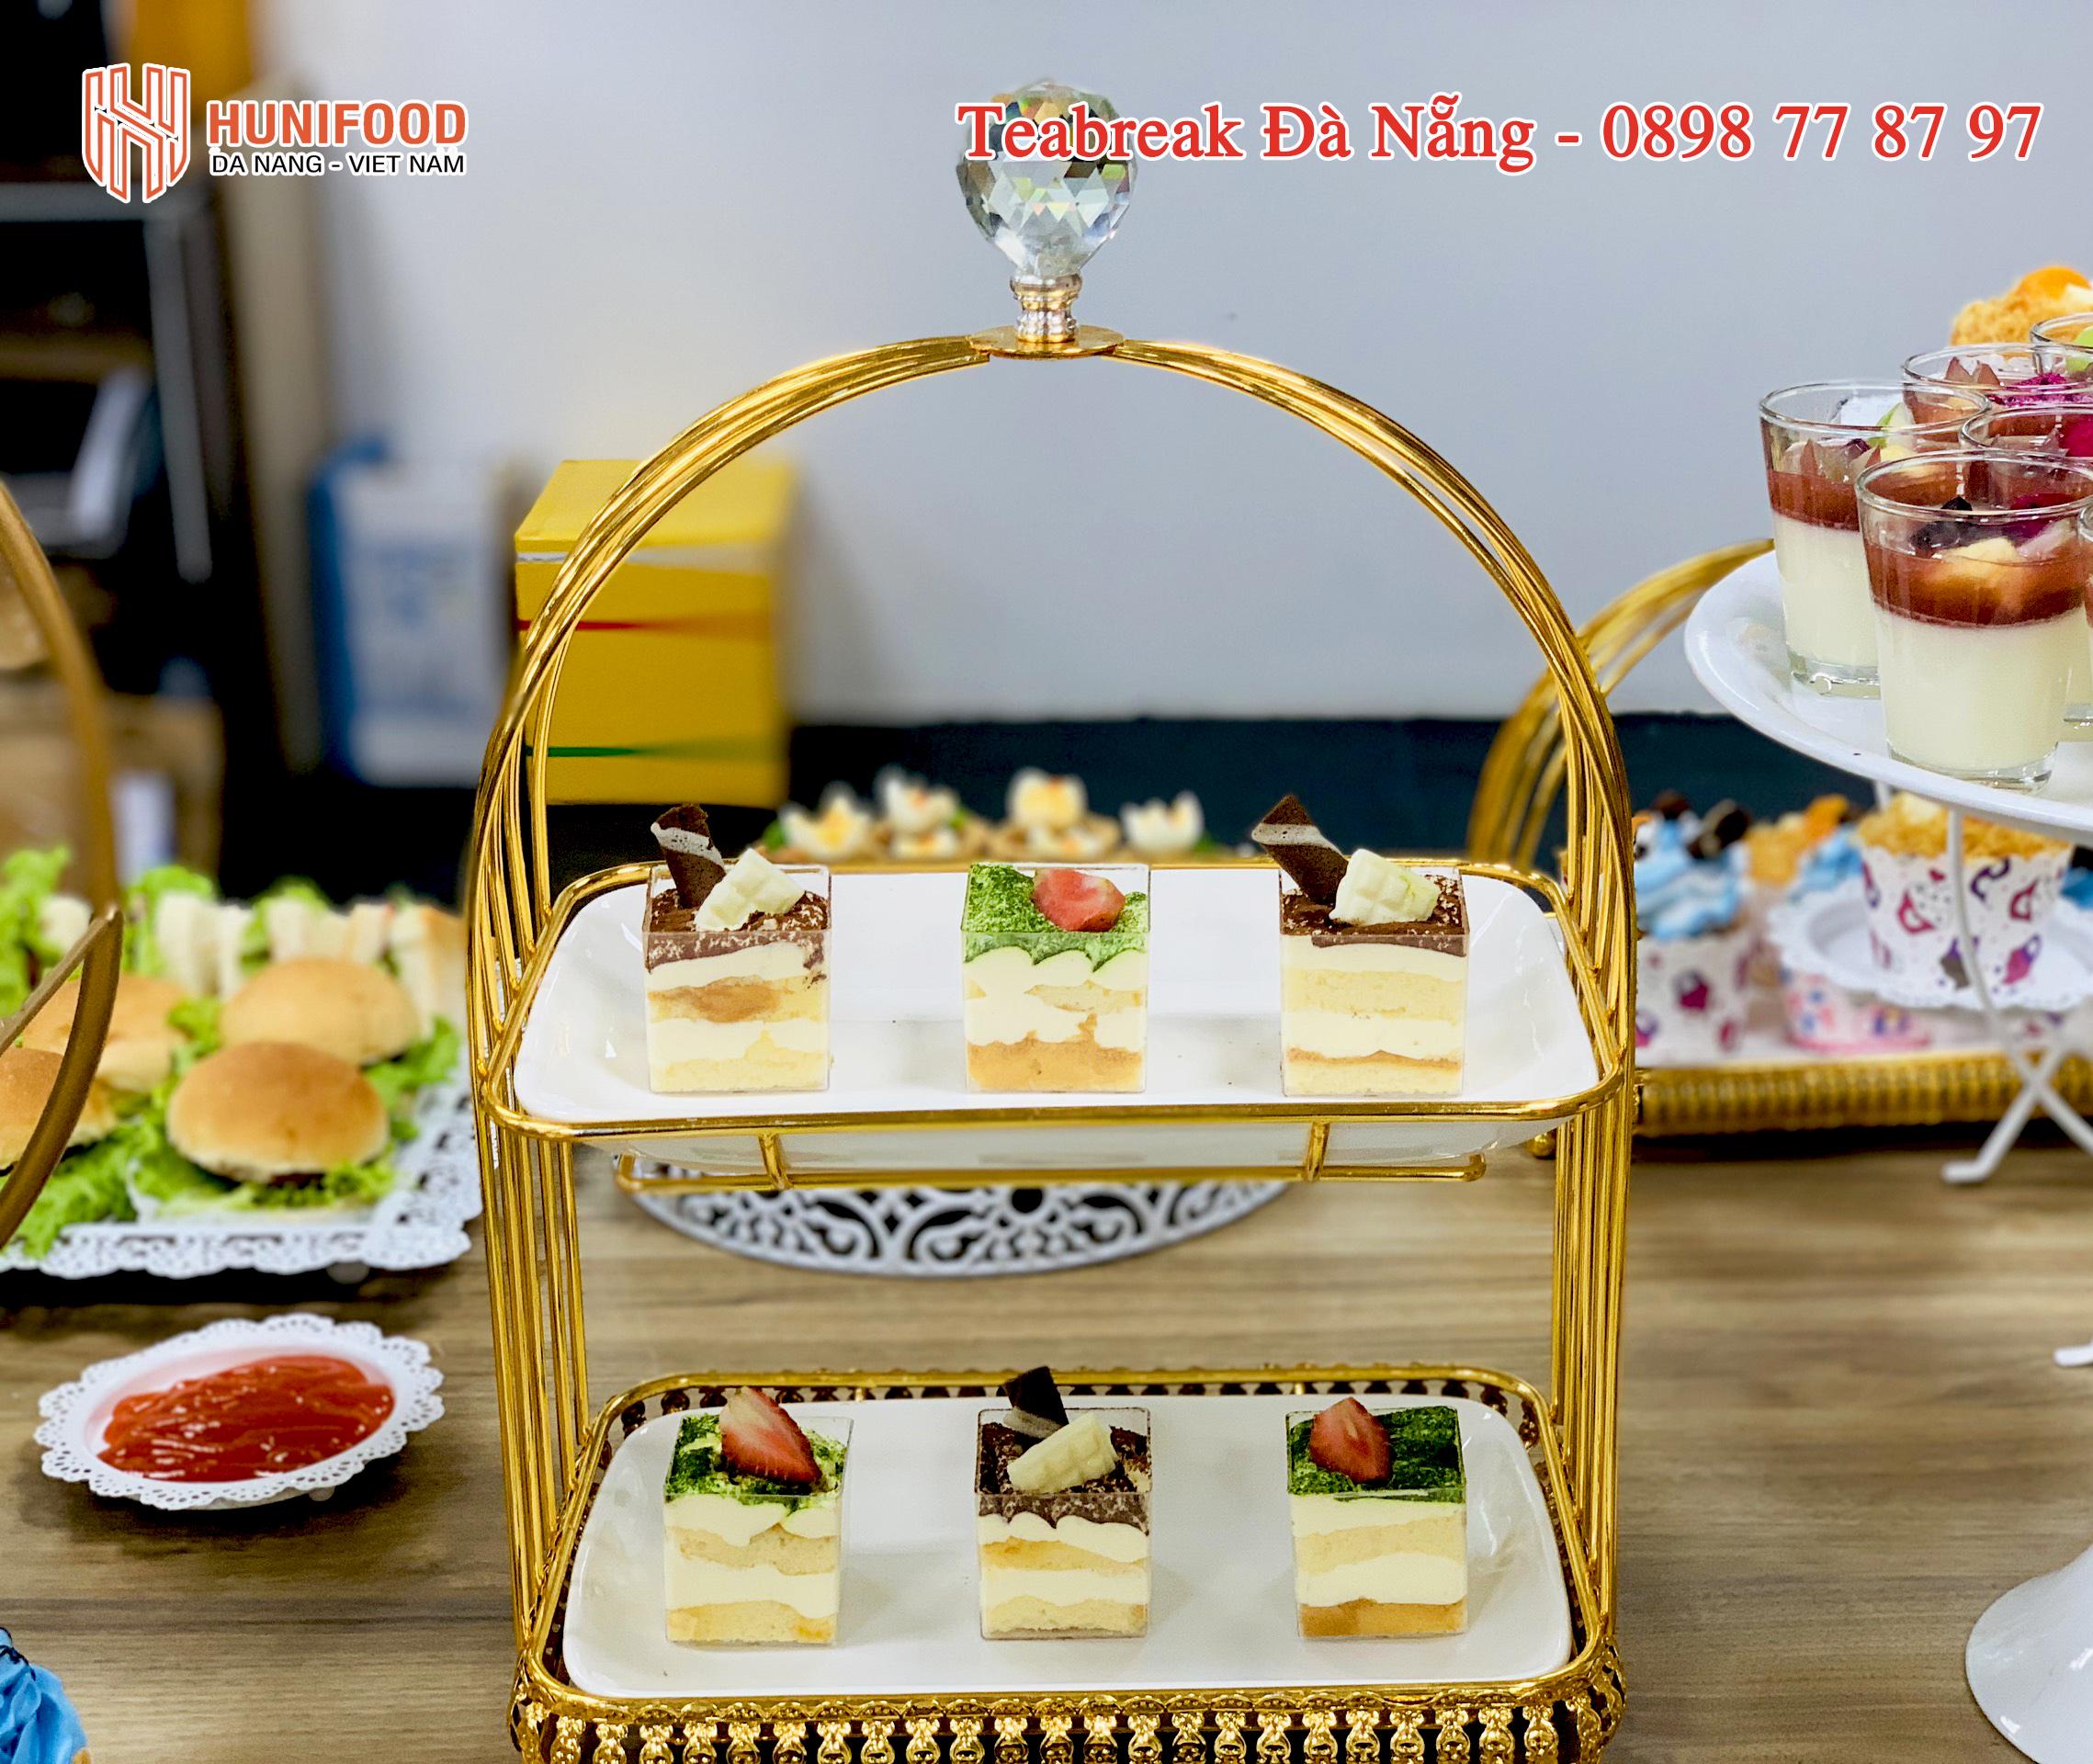 Sự đổi mới Tiệc Trà Đà Nẵng trong khâu trang trí và loại hình bánh